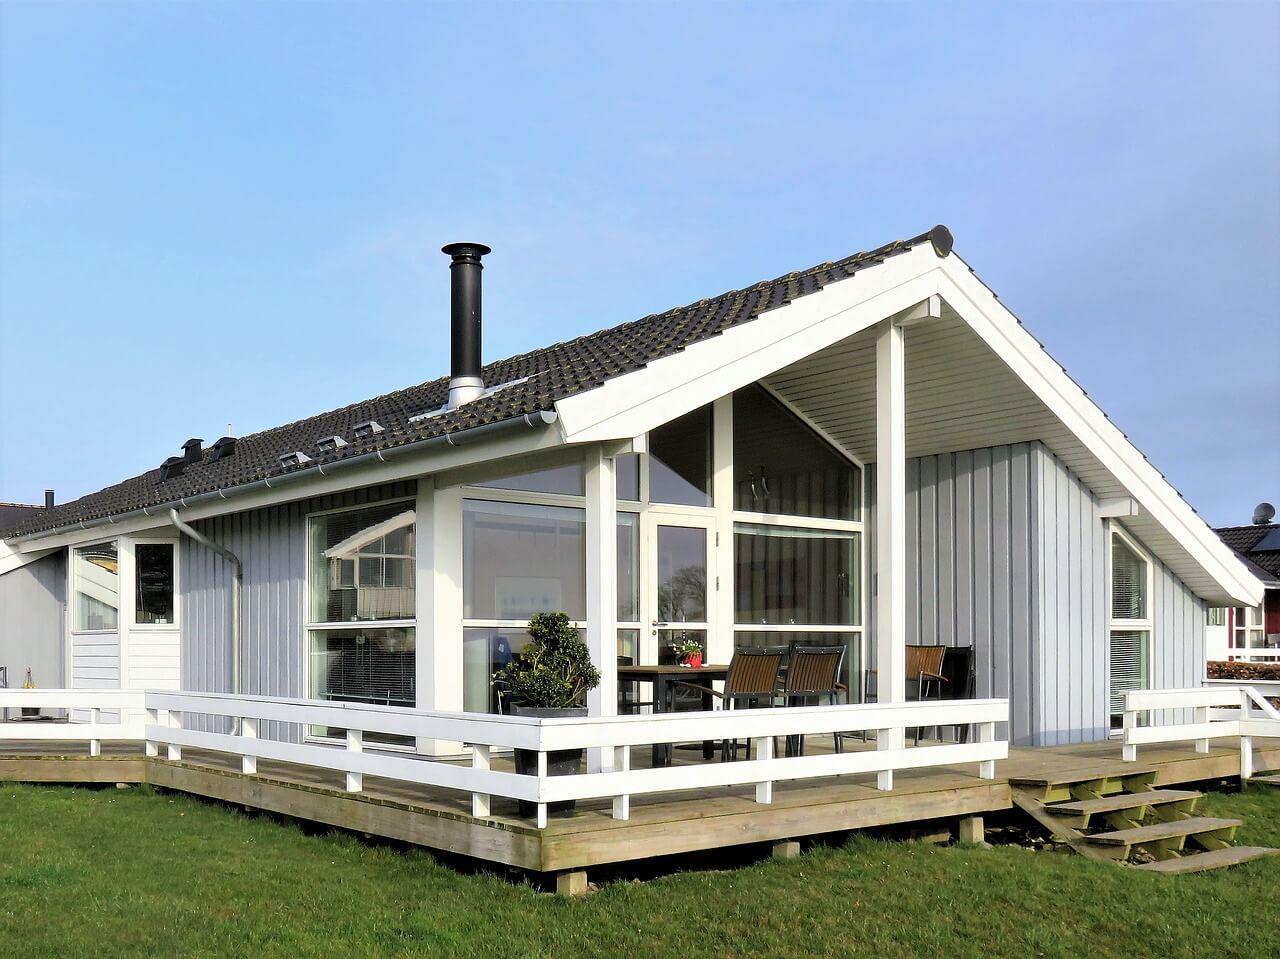 Schitterende vakantiehuisjes vanaf 10 personen!